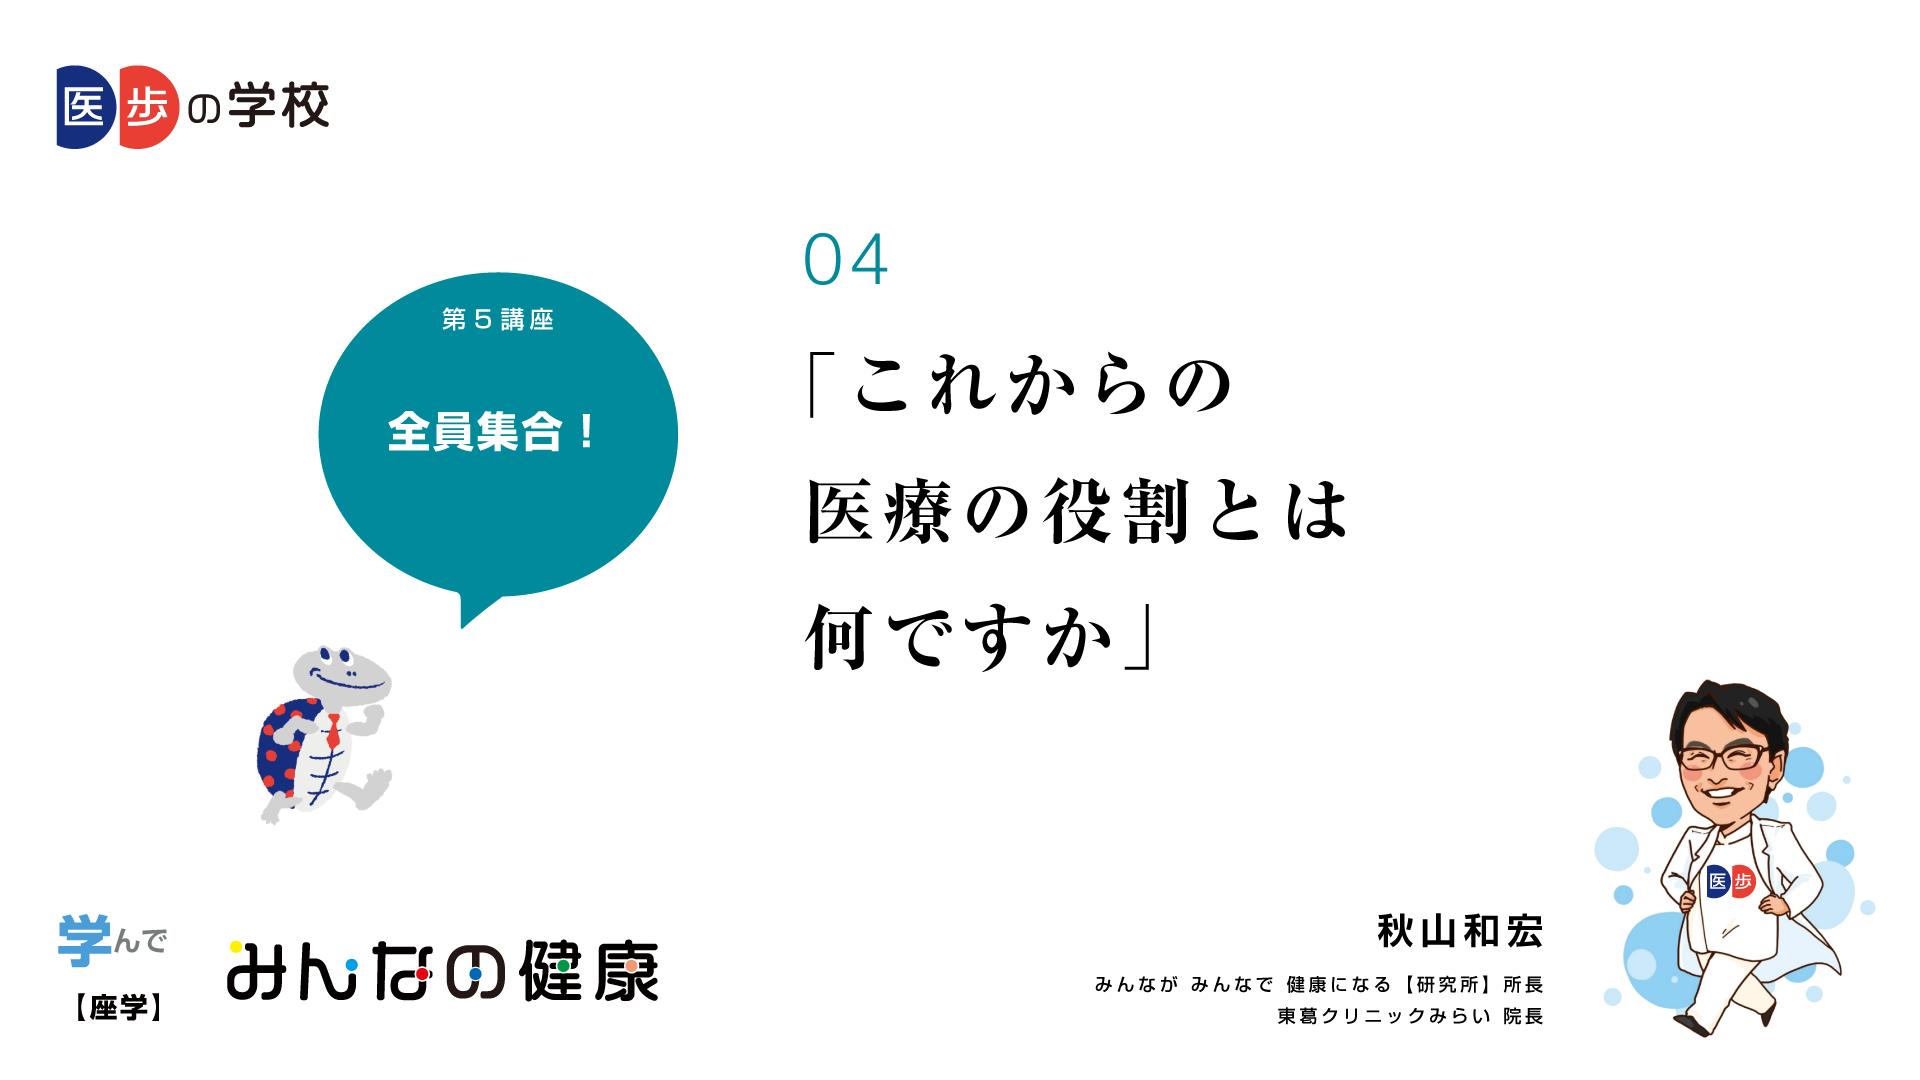 【全員集合!】04:これからの医療の役割とは何ですか。